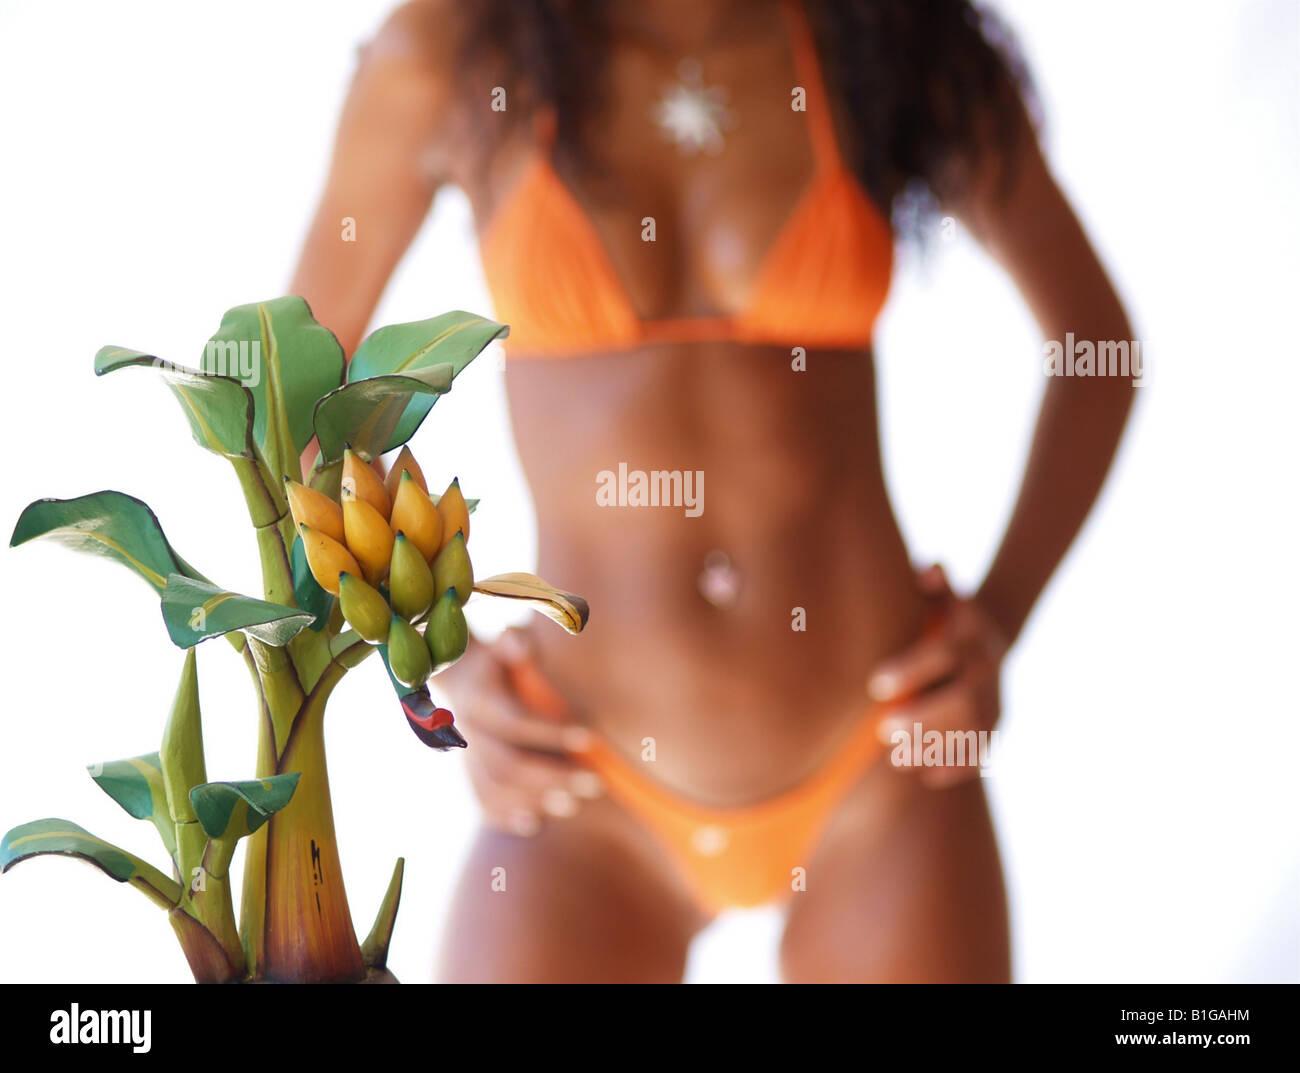 cee740c8d5a39 Banana Bikini Bikini Stock Photos & Banana Bikini Bikini Stock ...